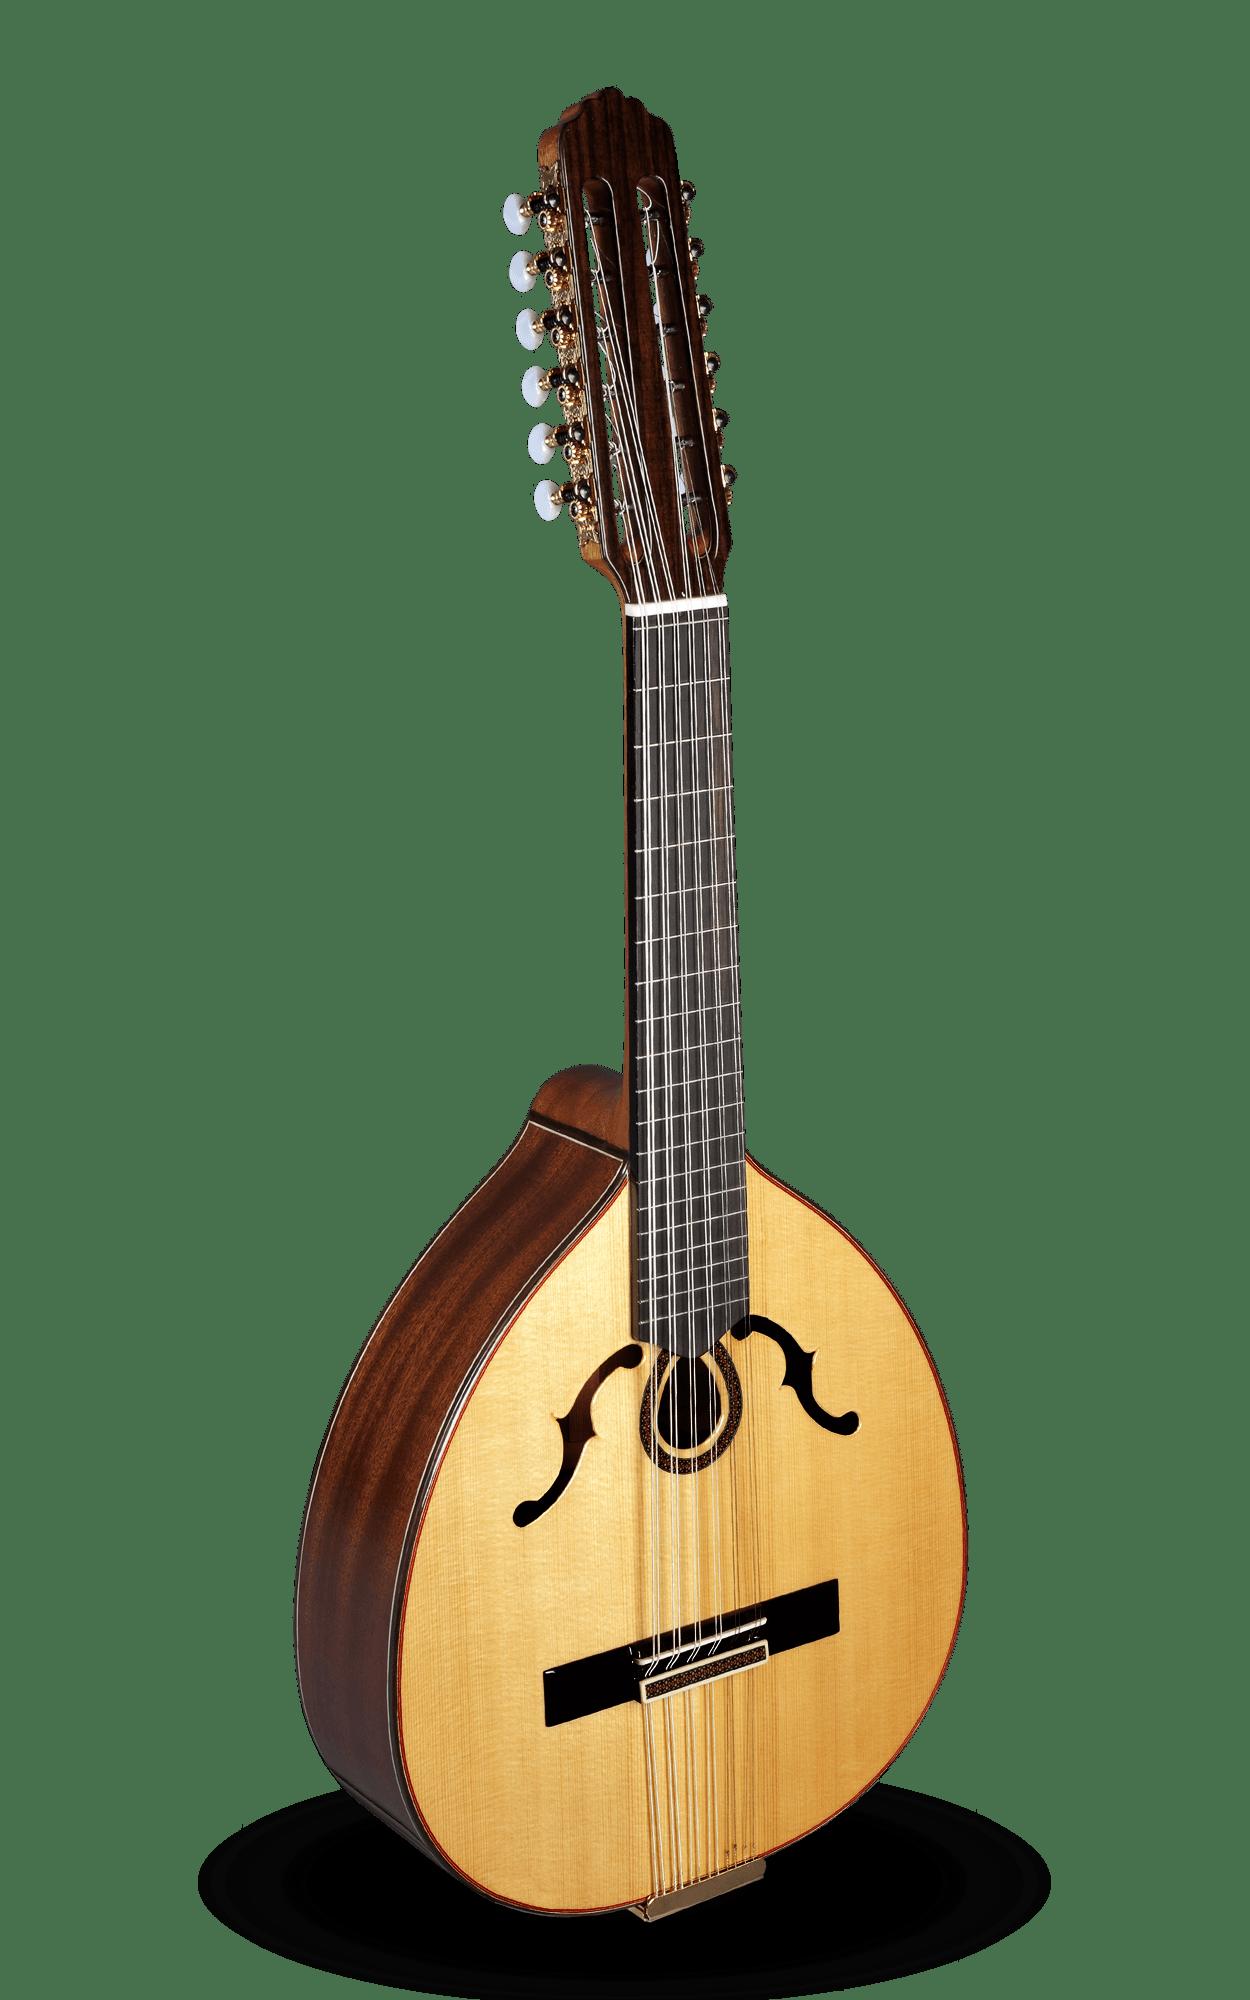 Tocando la guitarra - 5 7